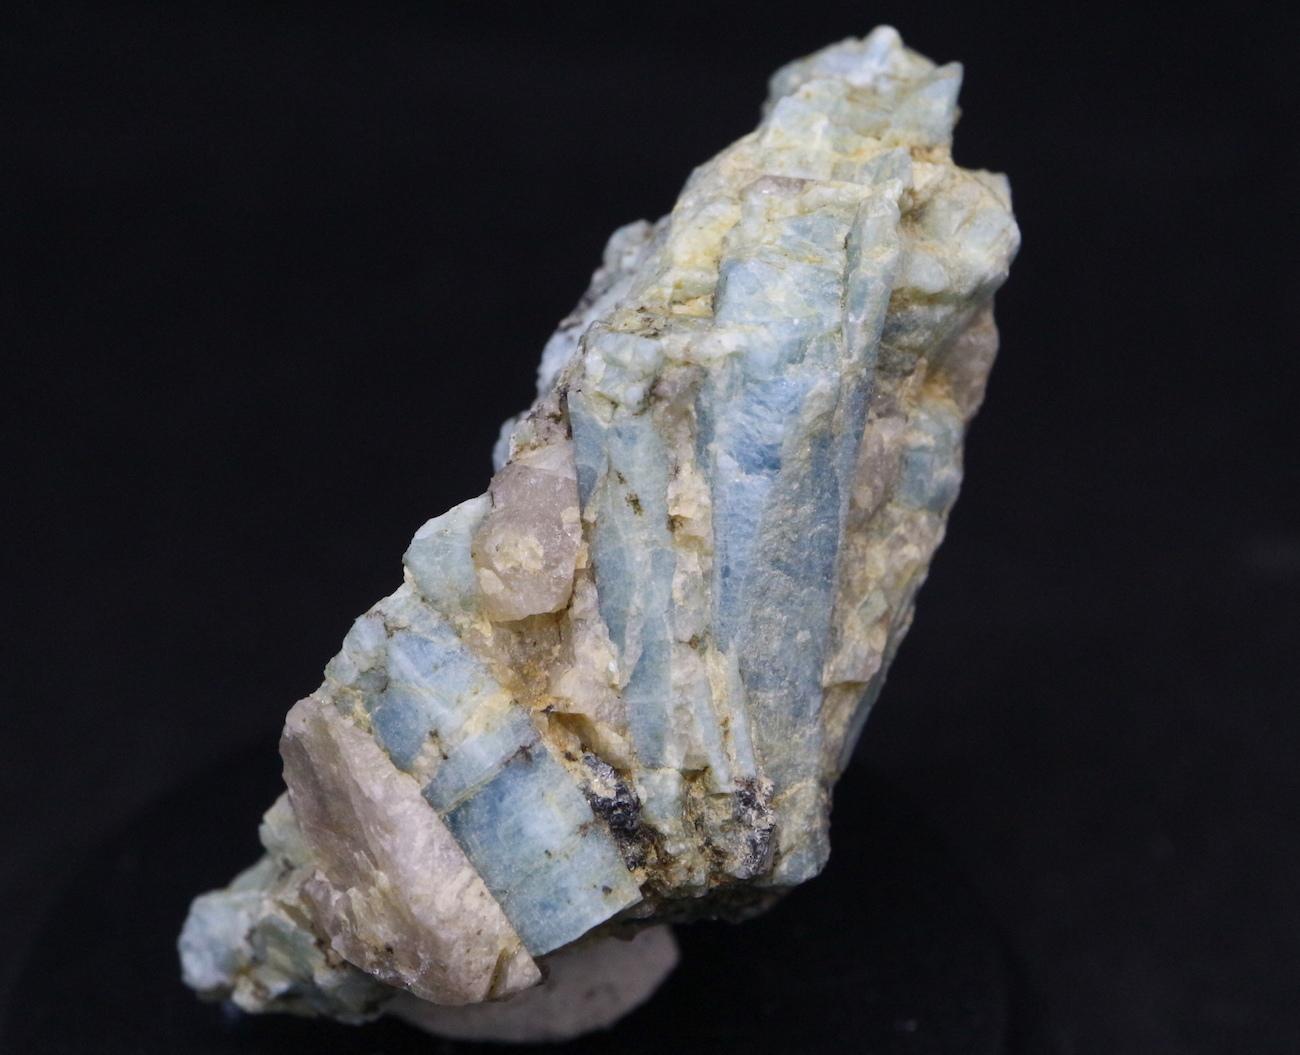 ブルーベリルアクアマリン カリフォルニア産 15,4g 原石 AQ039